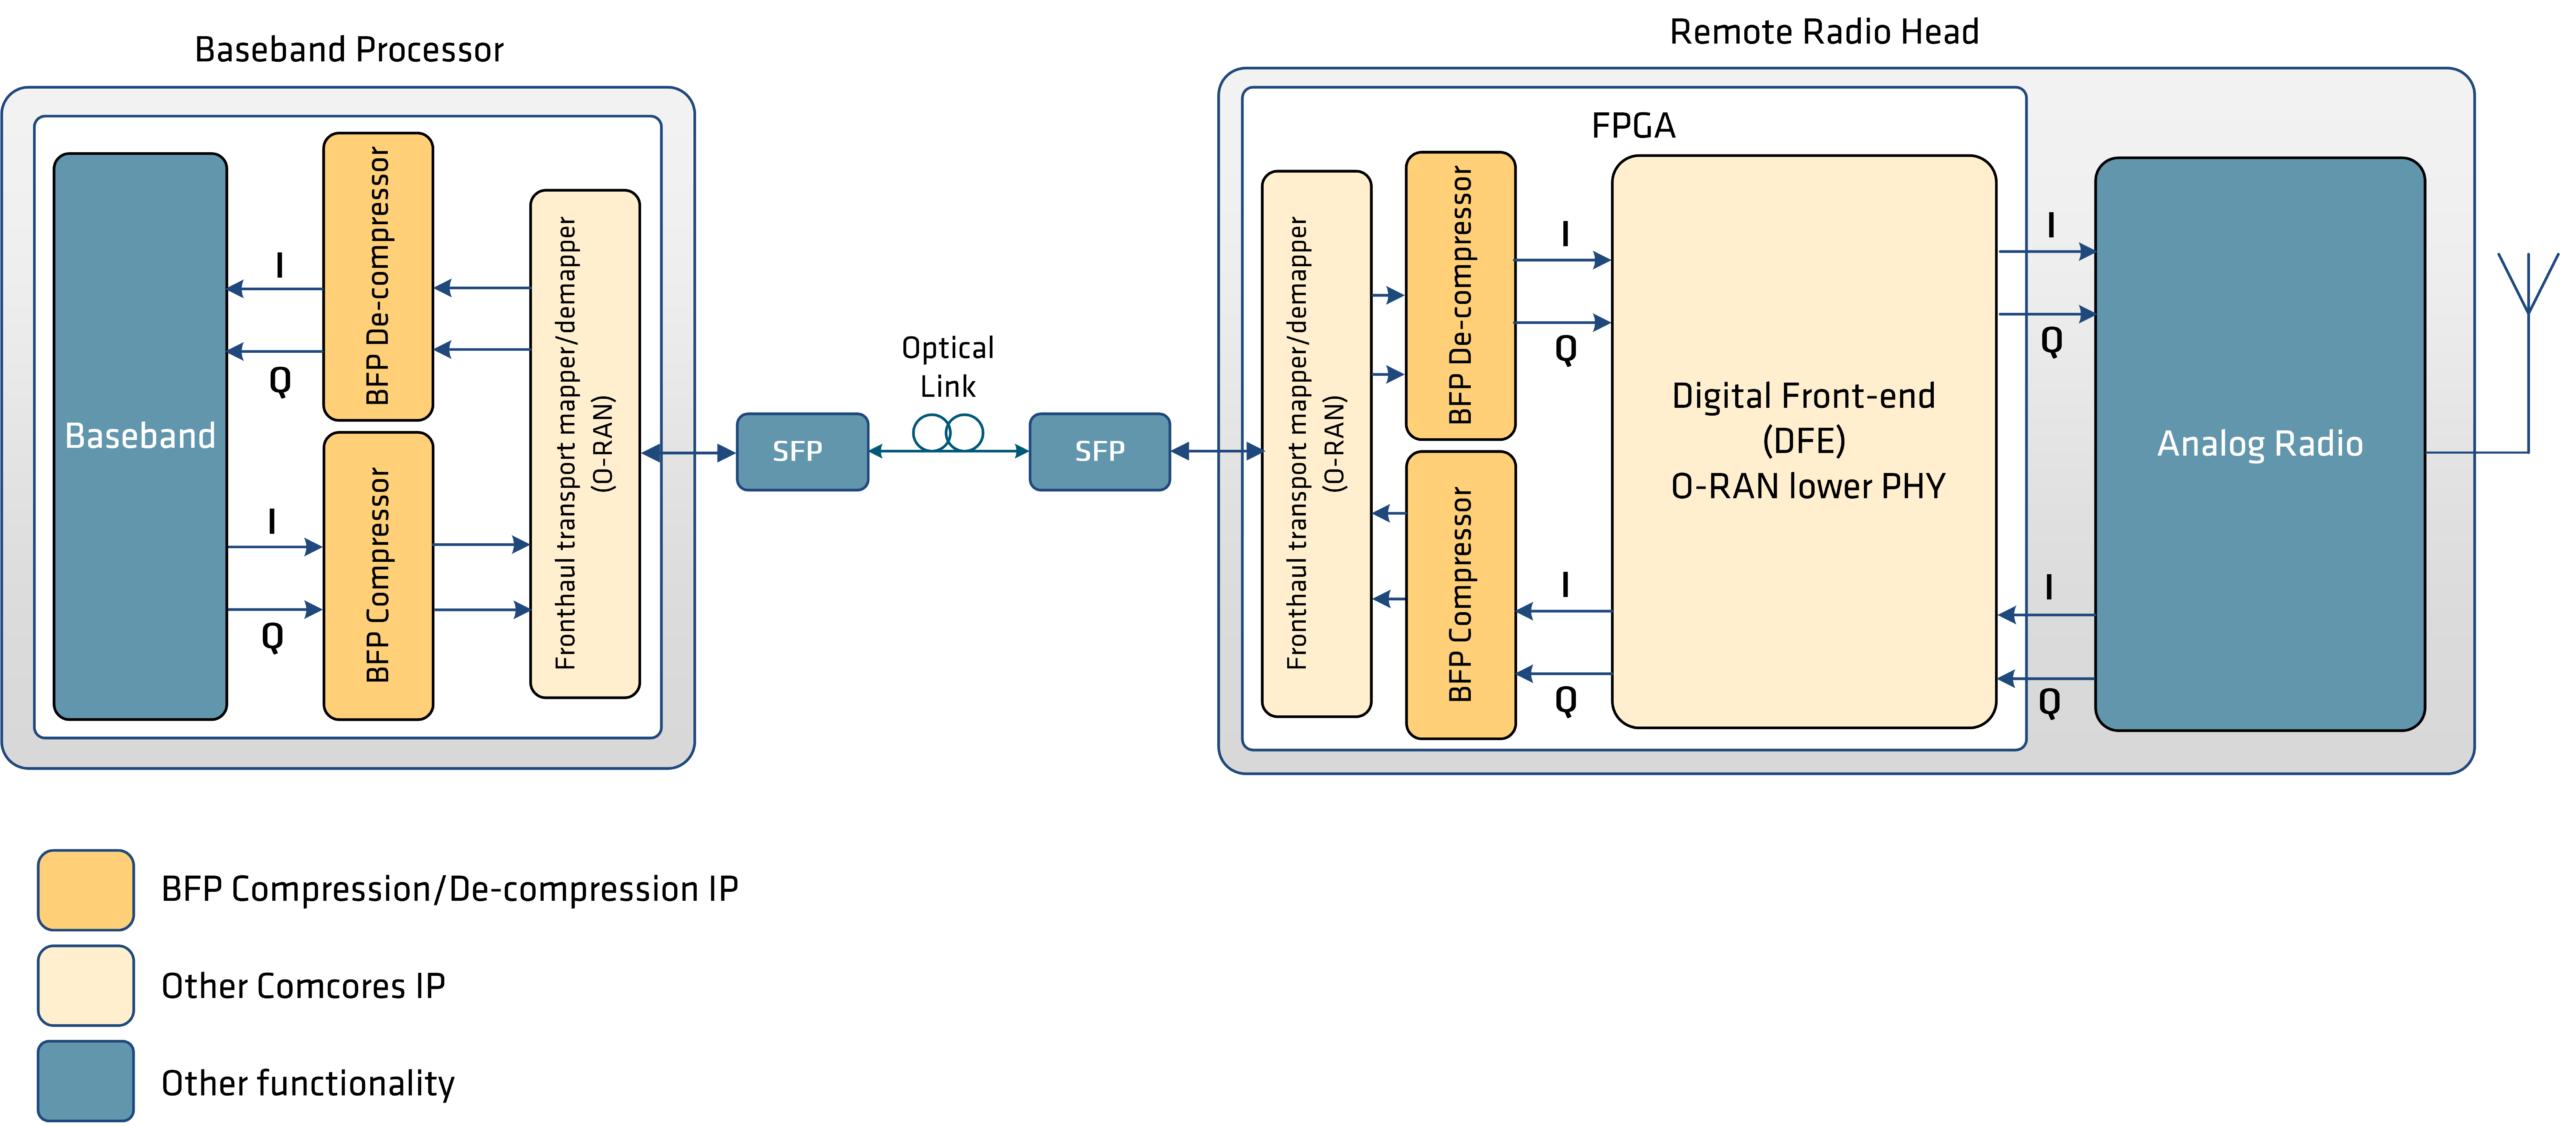 BFP - IQ Compression Block Diagram